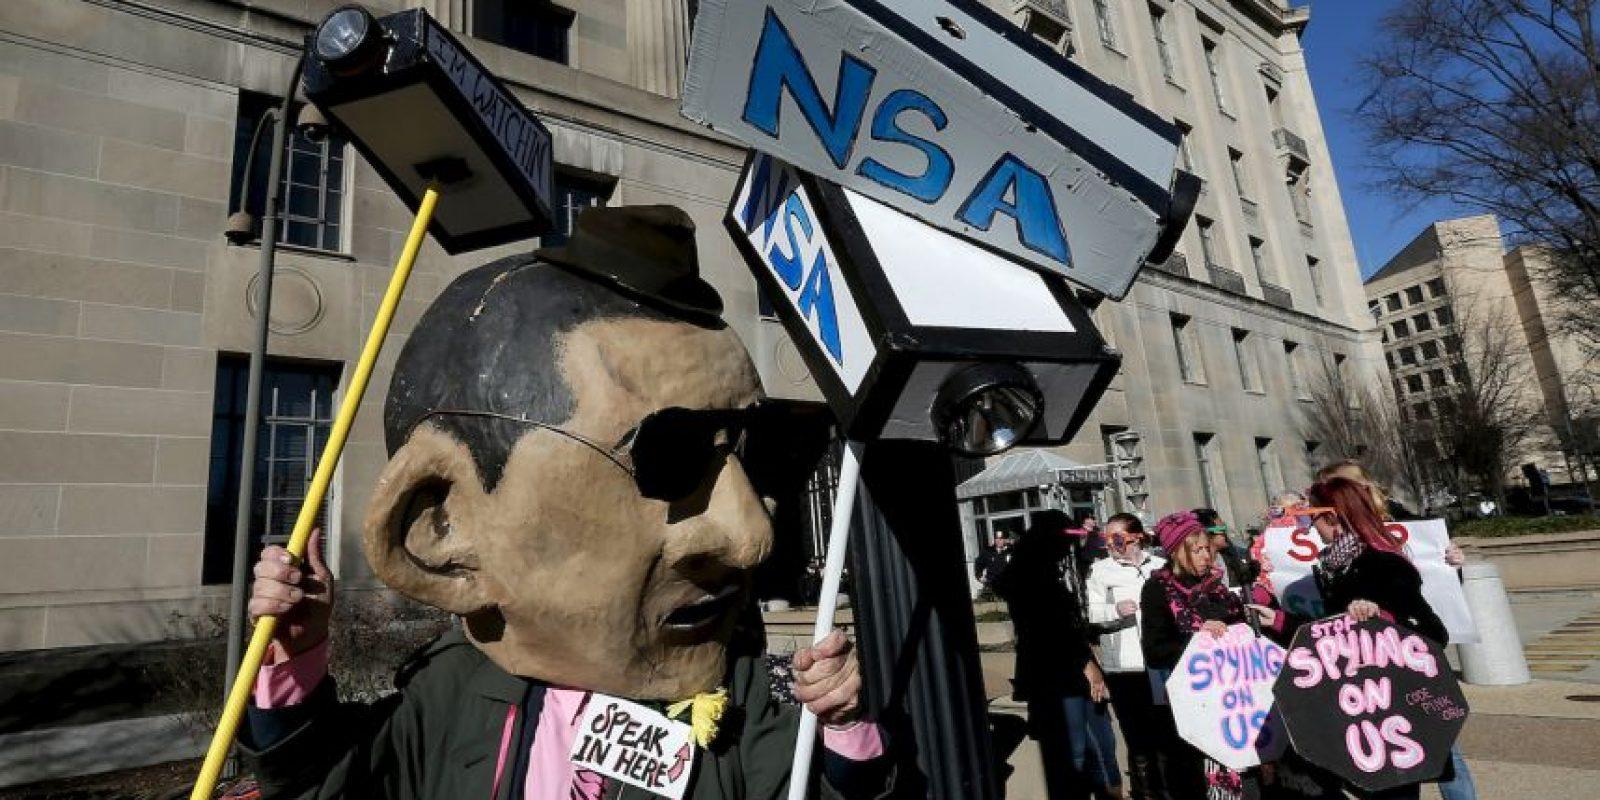 La Agencia Nacional de Seguridad de Estados Unidos fue fundada el 4 de noviembre de 1952, por orden del presidente Harry Truman. El propósito de crear dicha agencia fue romper los códigos de Alemania y Japón durante la Segunda Guerra Mundial. Foto:Getty Images